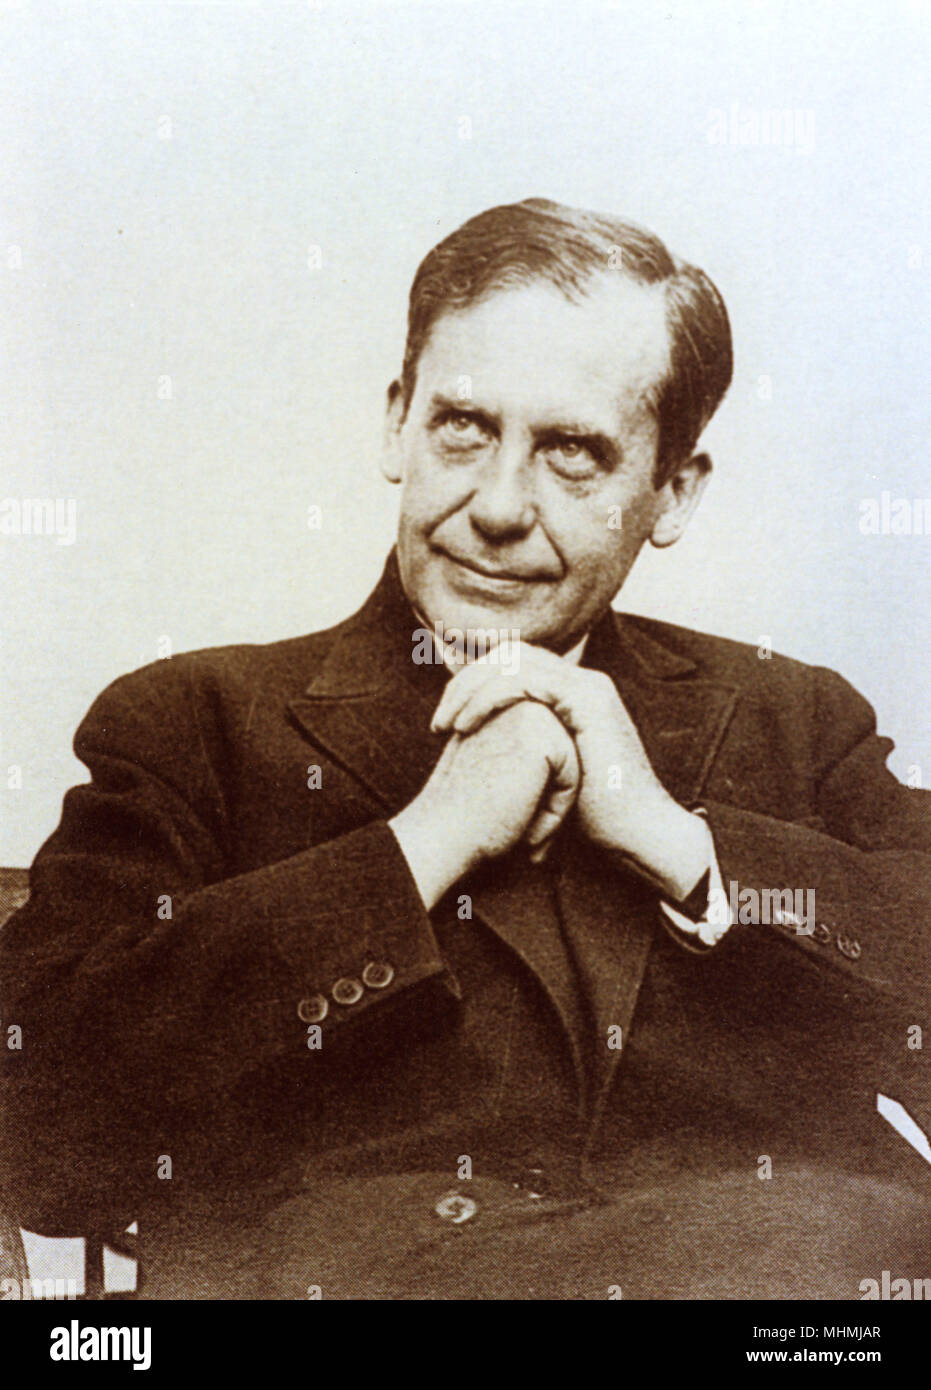 WALTER (Adolfo) GROPIUS arquitecto alemán responsable de la formación del estilo Bauhaus. Trabajó en Londres (1934-7); profesor de arquitectura, Harvard (1937-52) Fecha: 1883 - 1969 Foto de stock